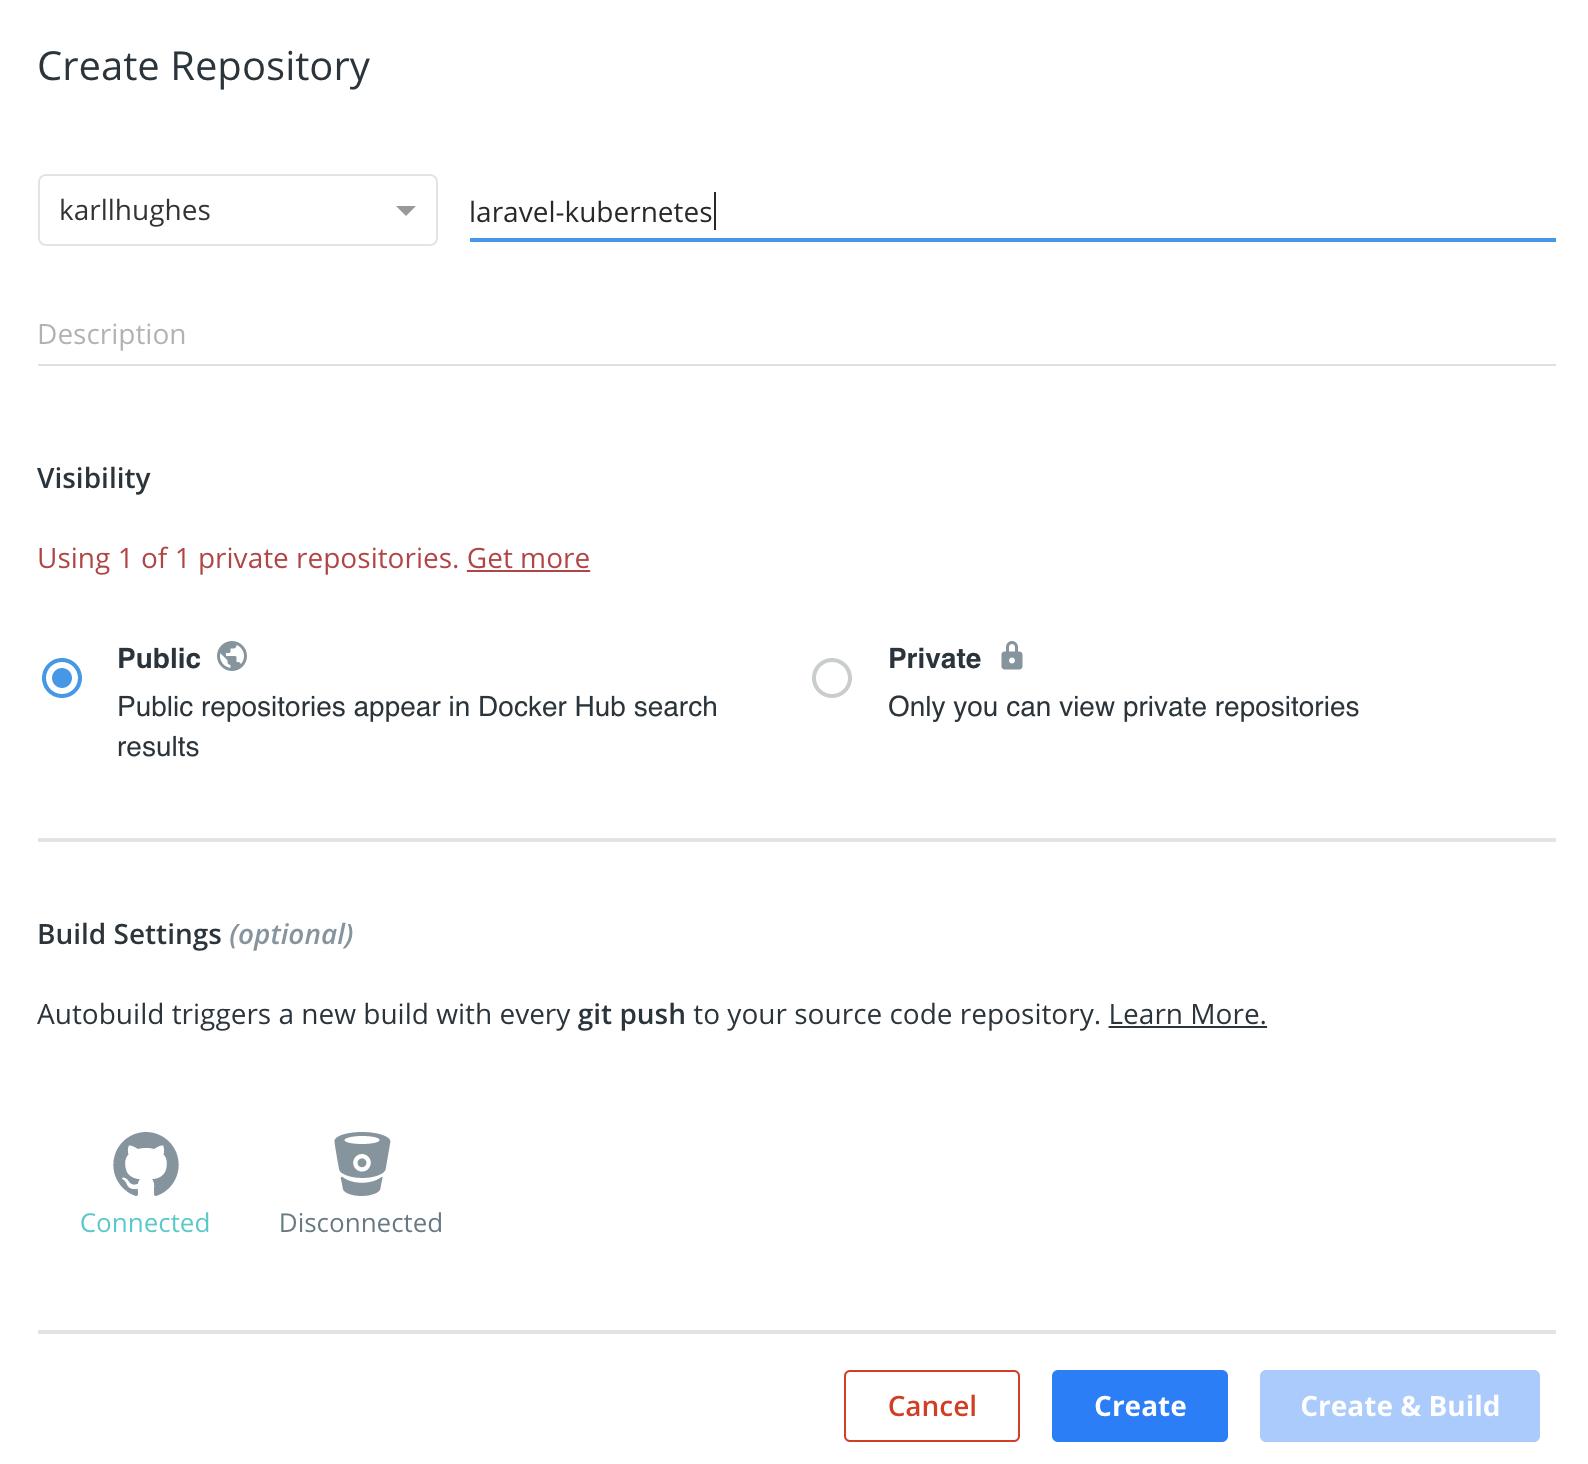 Erstellen eines neuen Repository in Docker Hub